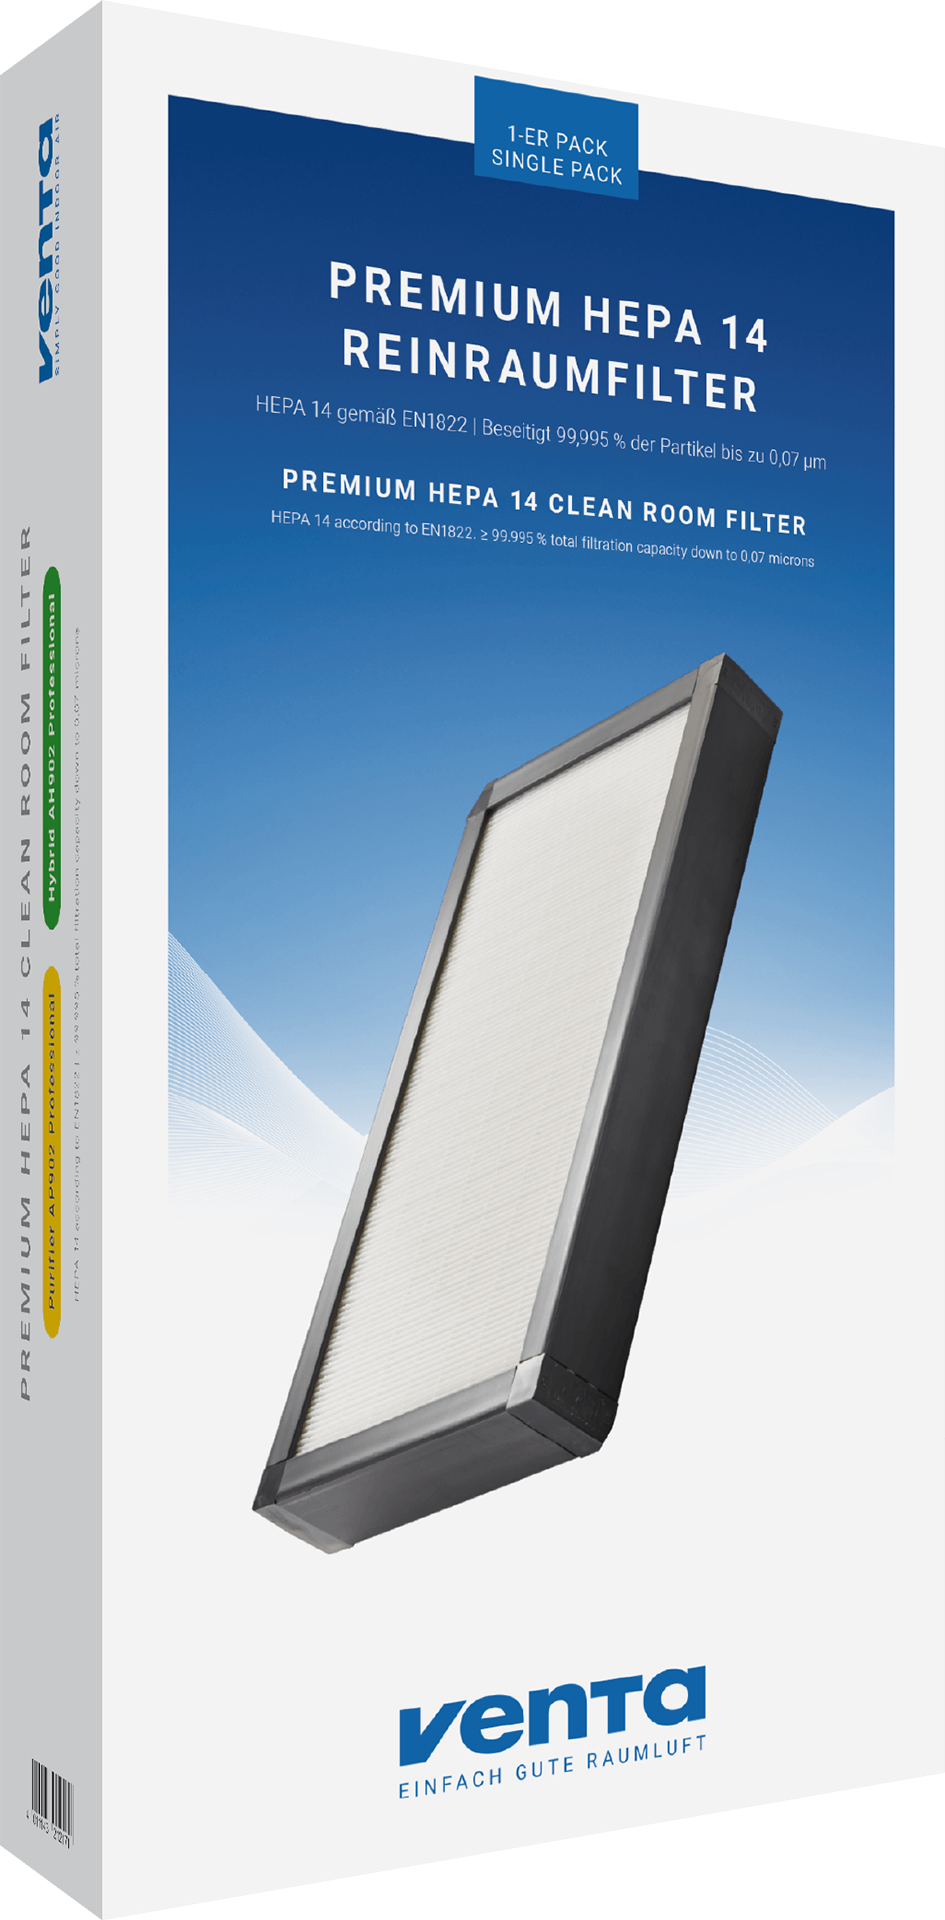 Premium HEPA 14 Reinraumfilter